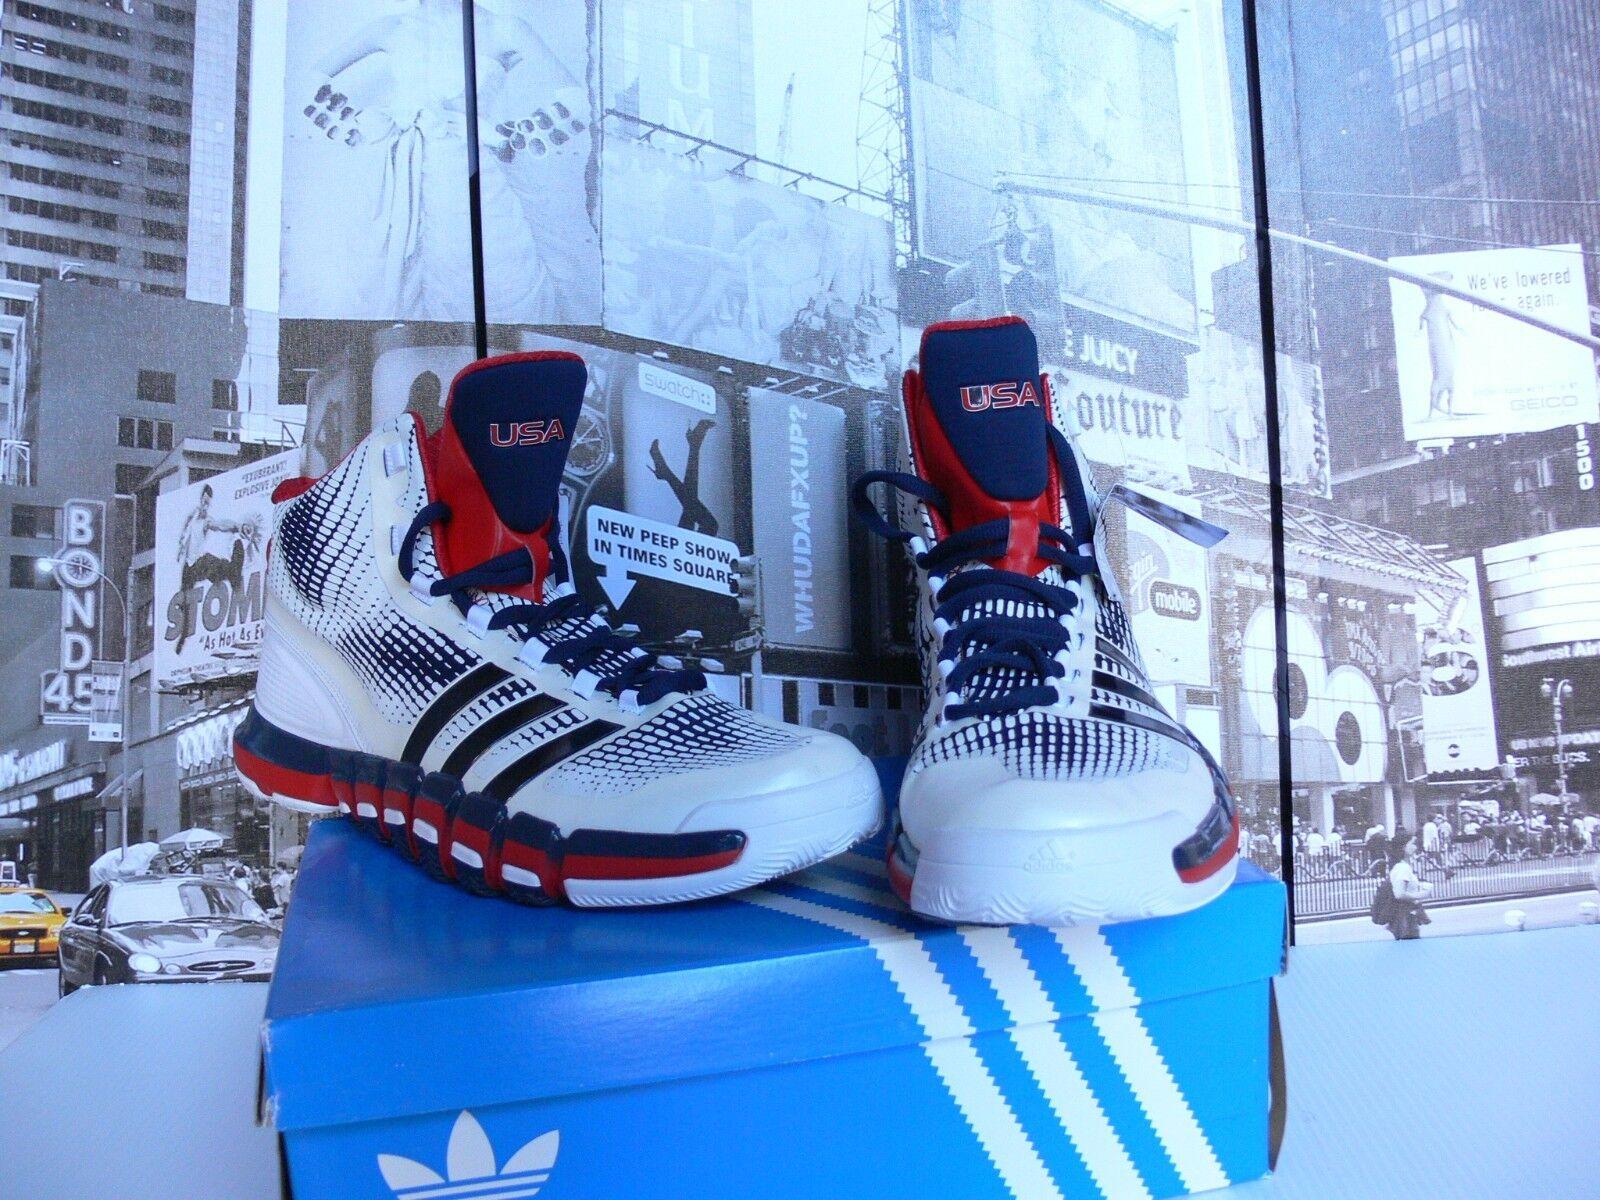 Adidas AS SMU 18 adipure CRAZY USA SIZE US 18 SMU / Rare a944c3